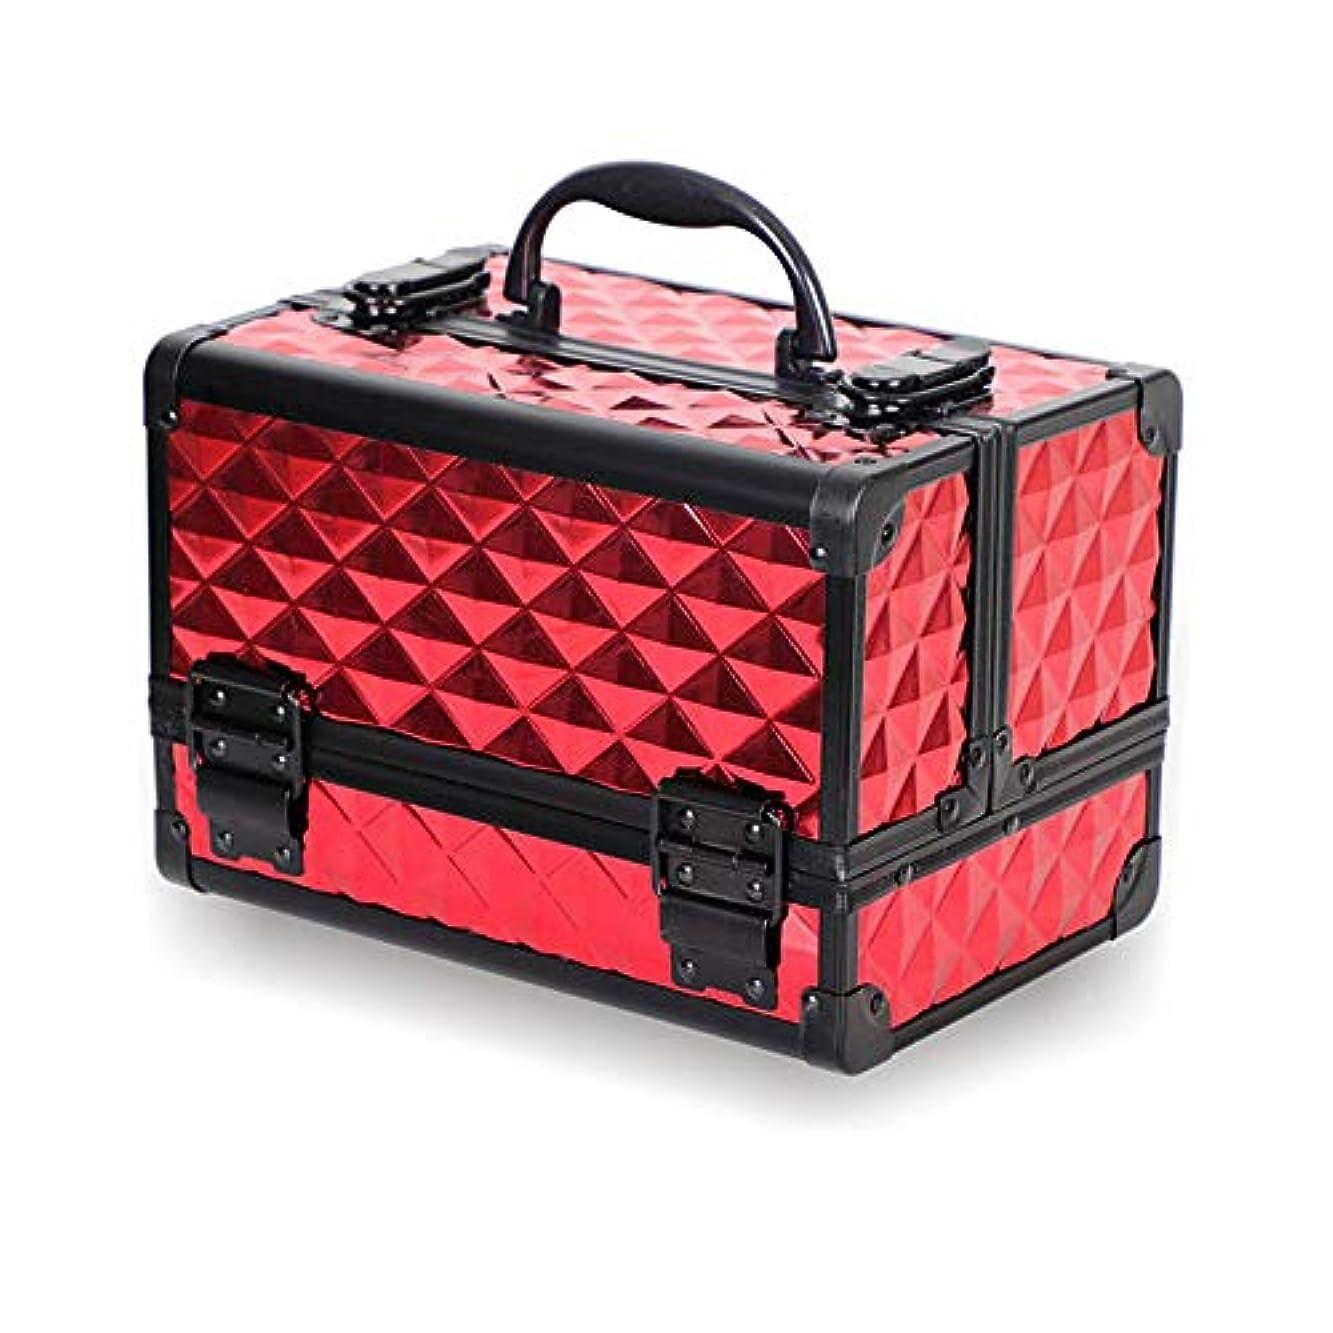 ヒステリック艶自伝特大スペース収納ビューティーボックス 美の構造のためそしてジッパーおよび折る皿が付いている女の子の女性旅行そして毎日の貯蔵のための高容量の携帯用化粧品袋 化粧品化粧台 (色 : 赤)